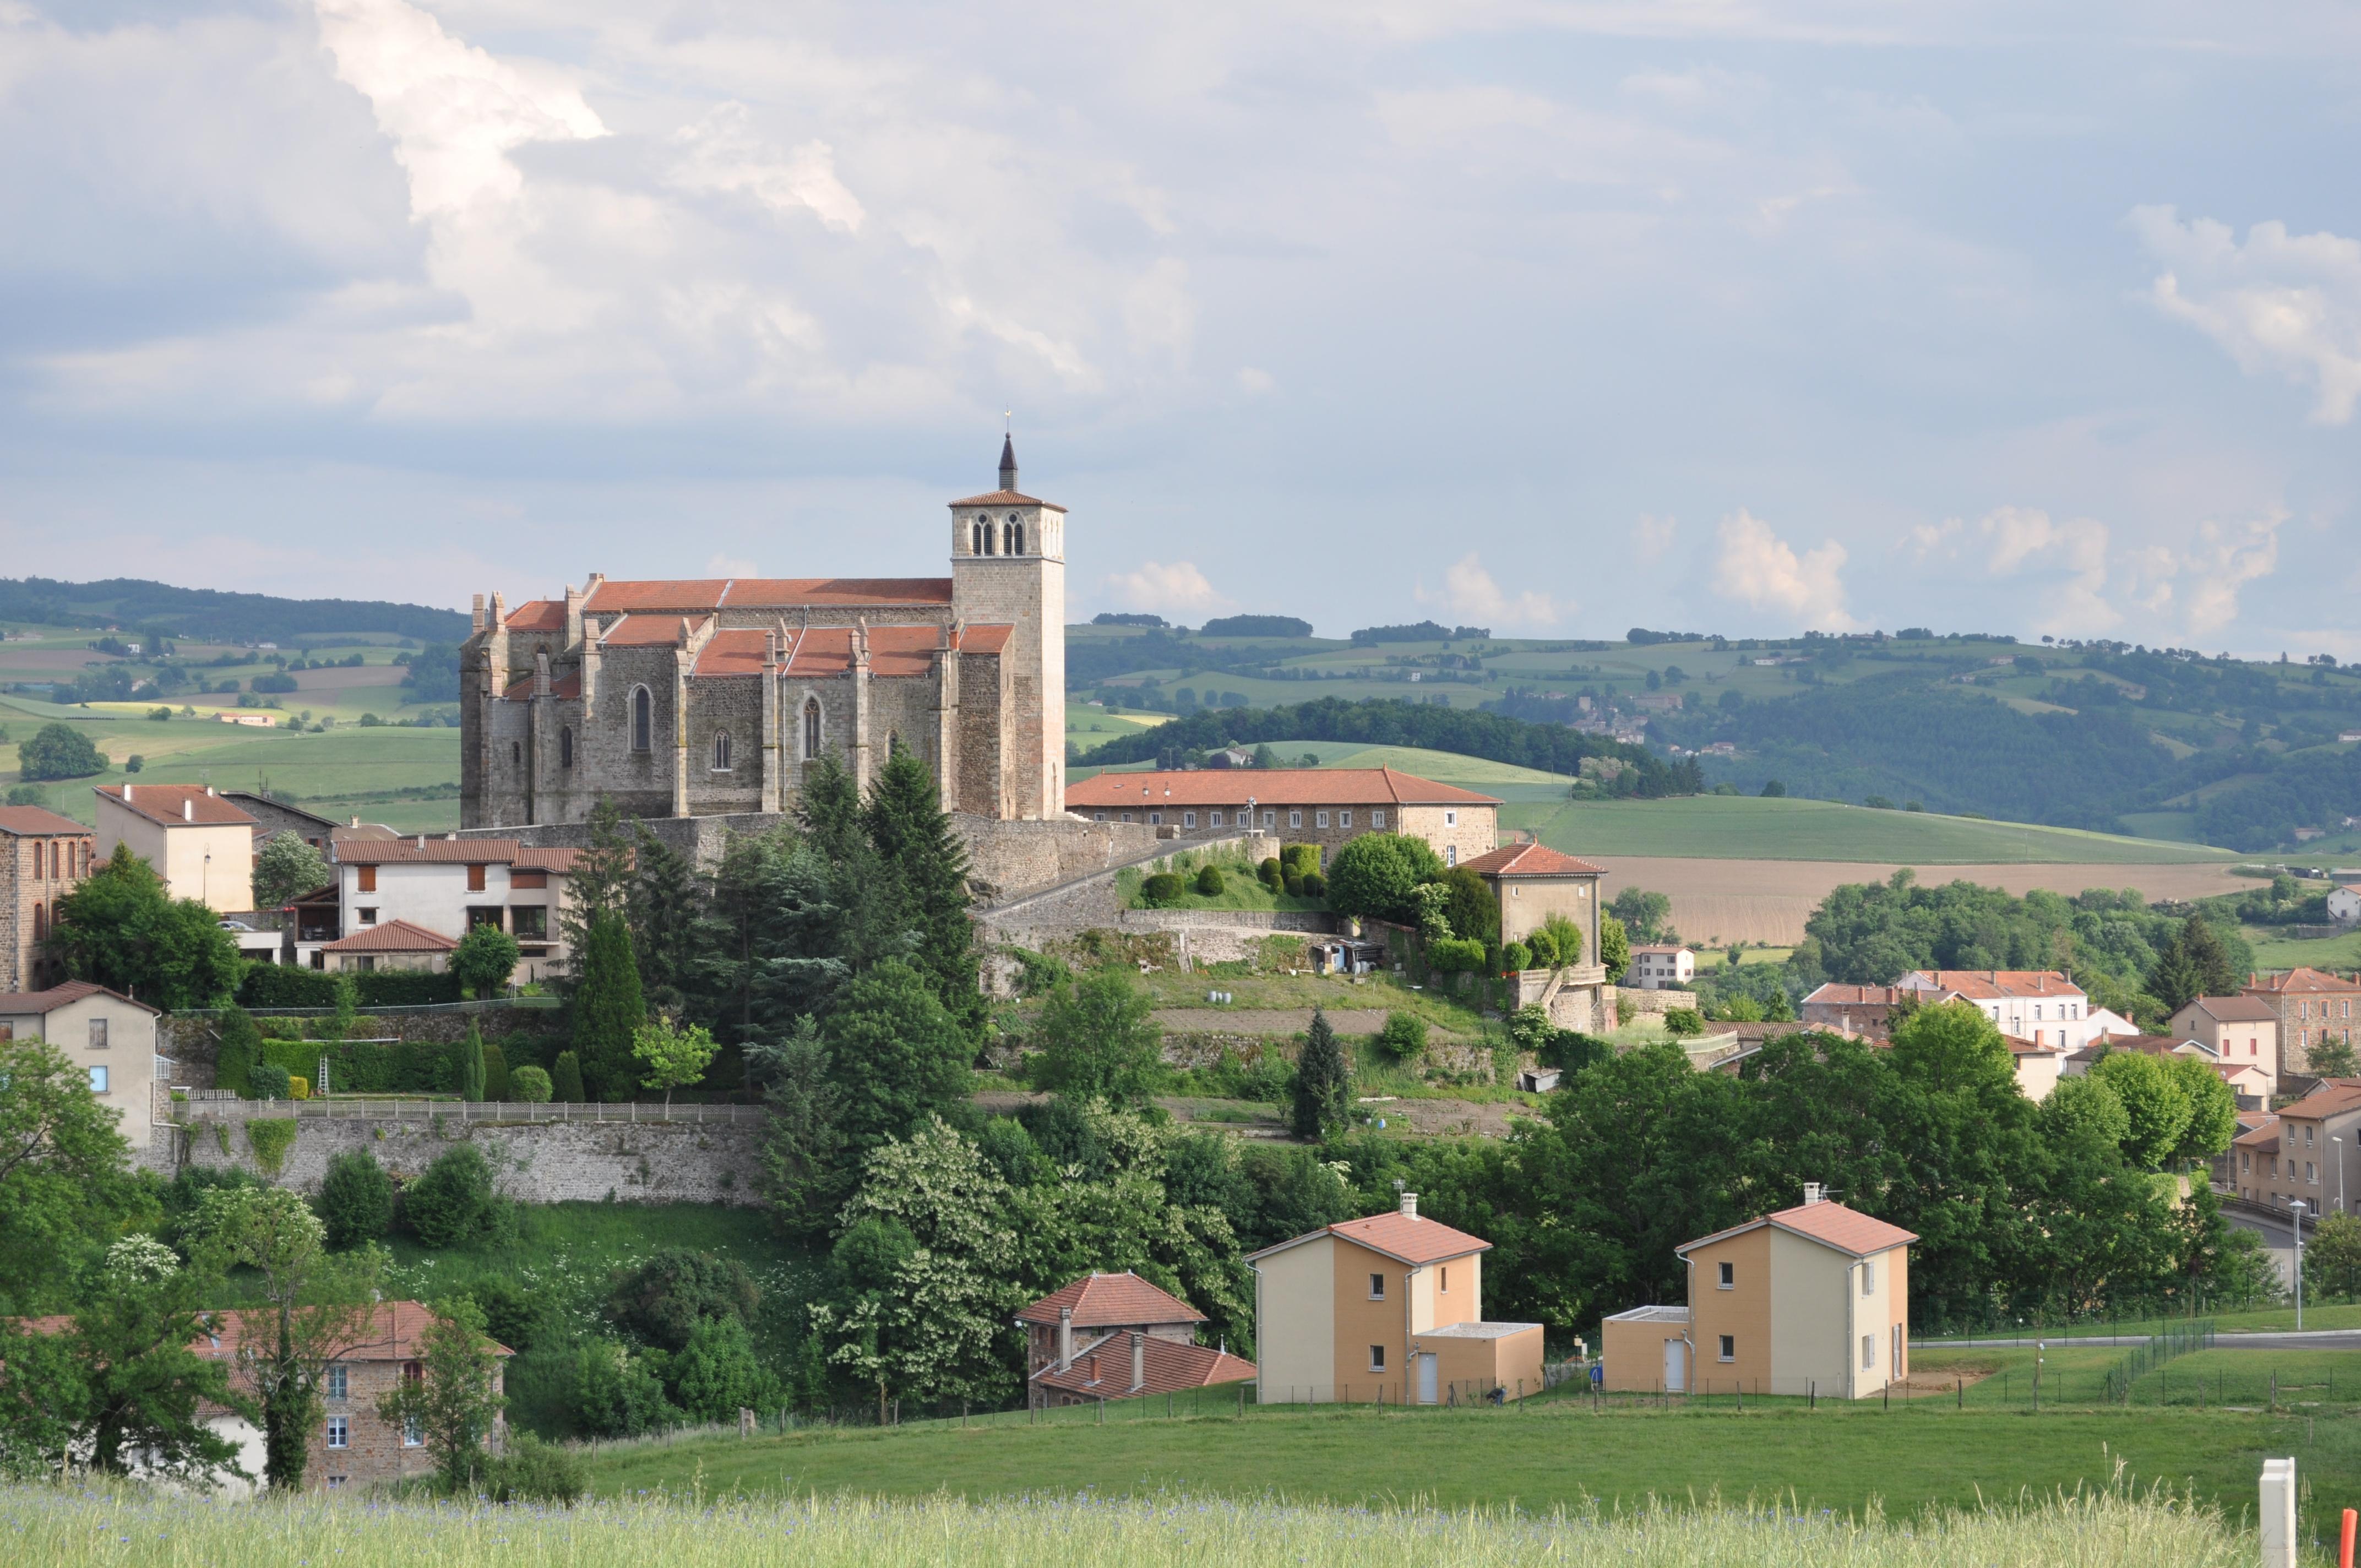 Photo saint symphorien sur coise 69590 l 39 eglise - Piscine saint symphorien sur coise ...